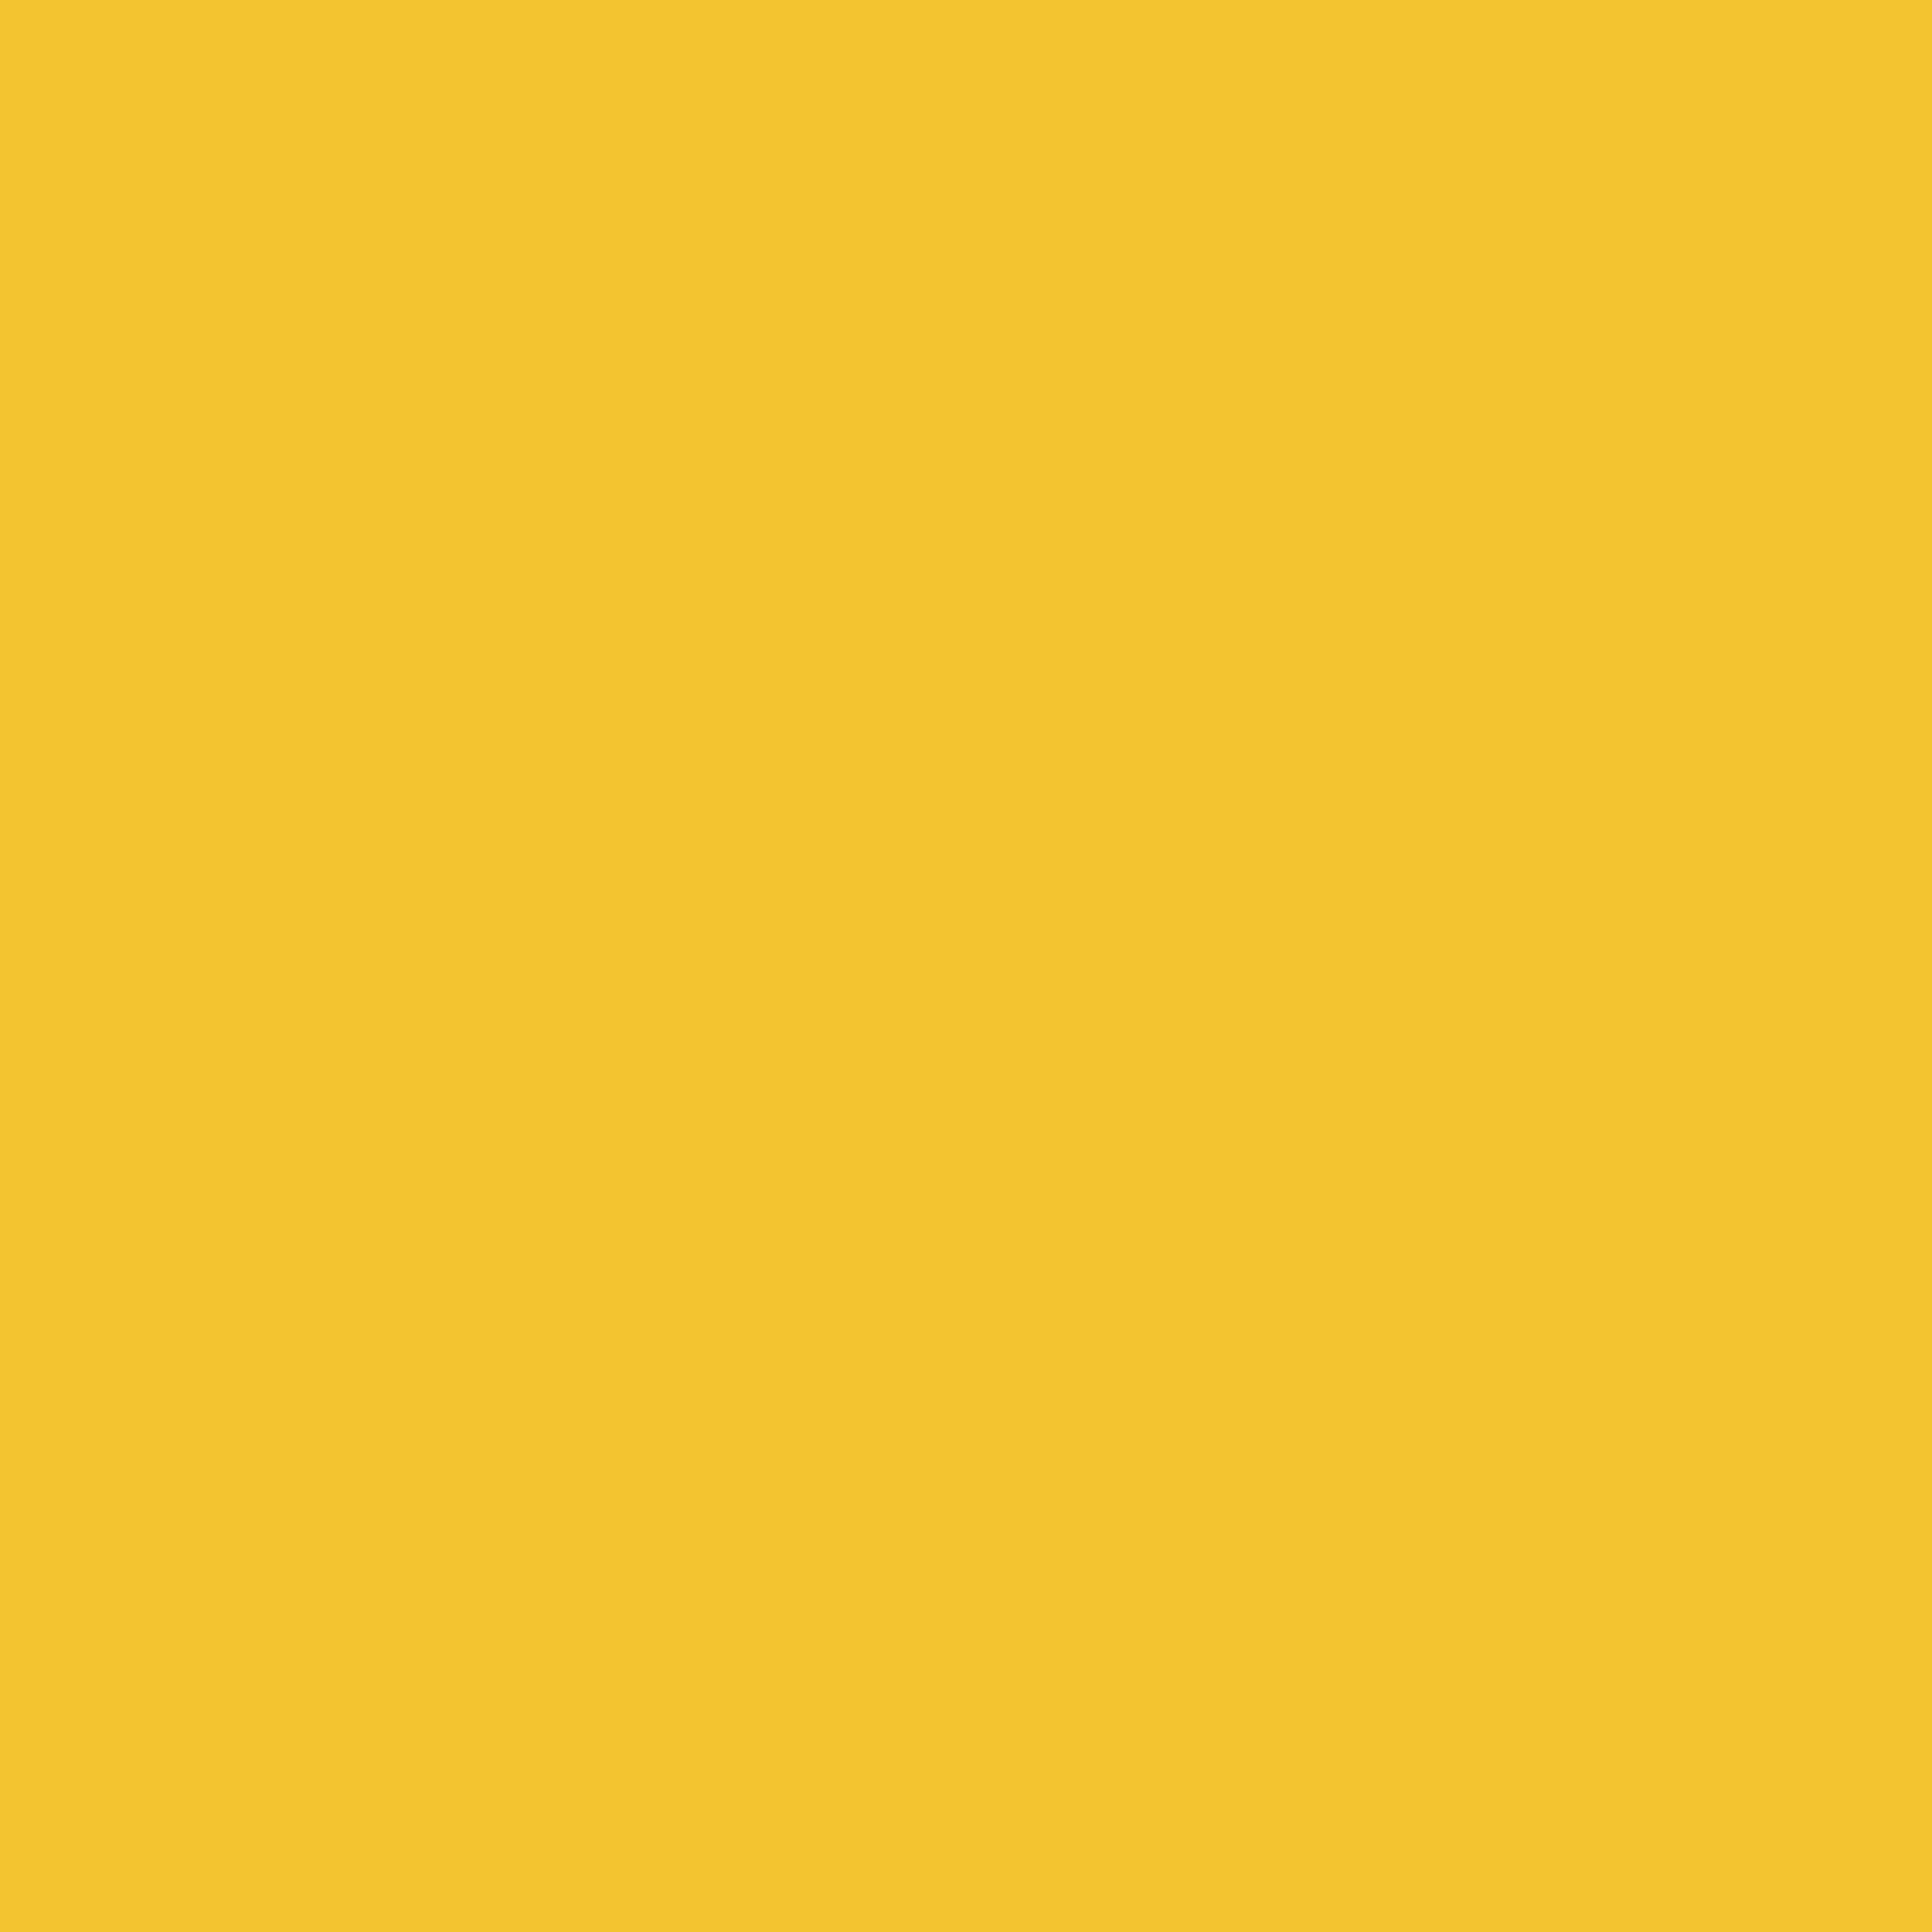 2048x2048 Saffron Solid Color Background